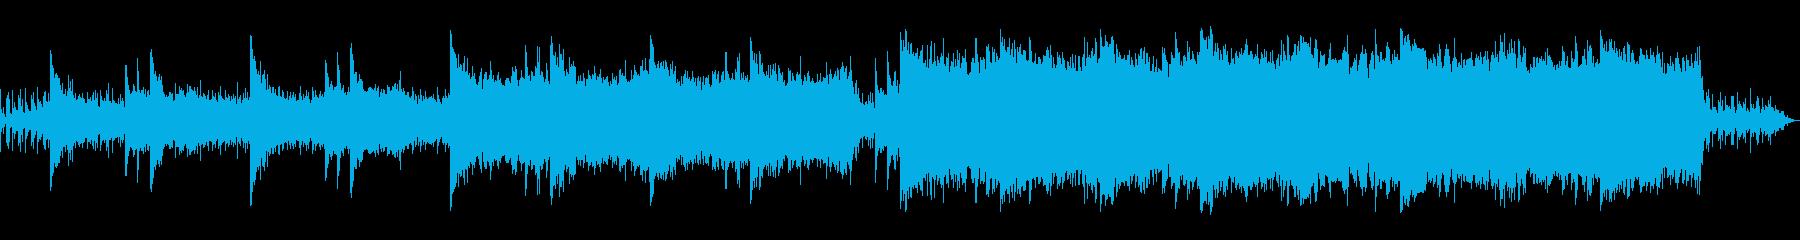 風をイメージしたゲーム・アニメ等に最適曲の再生済みの波形